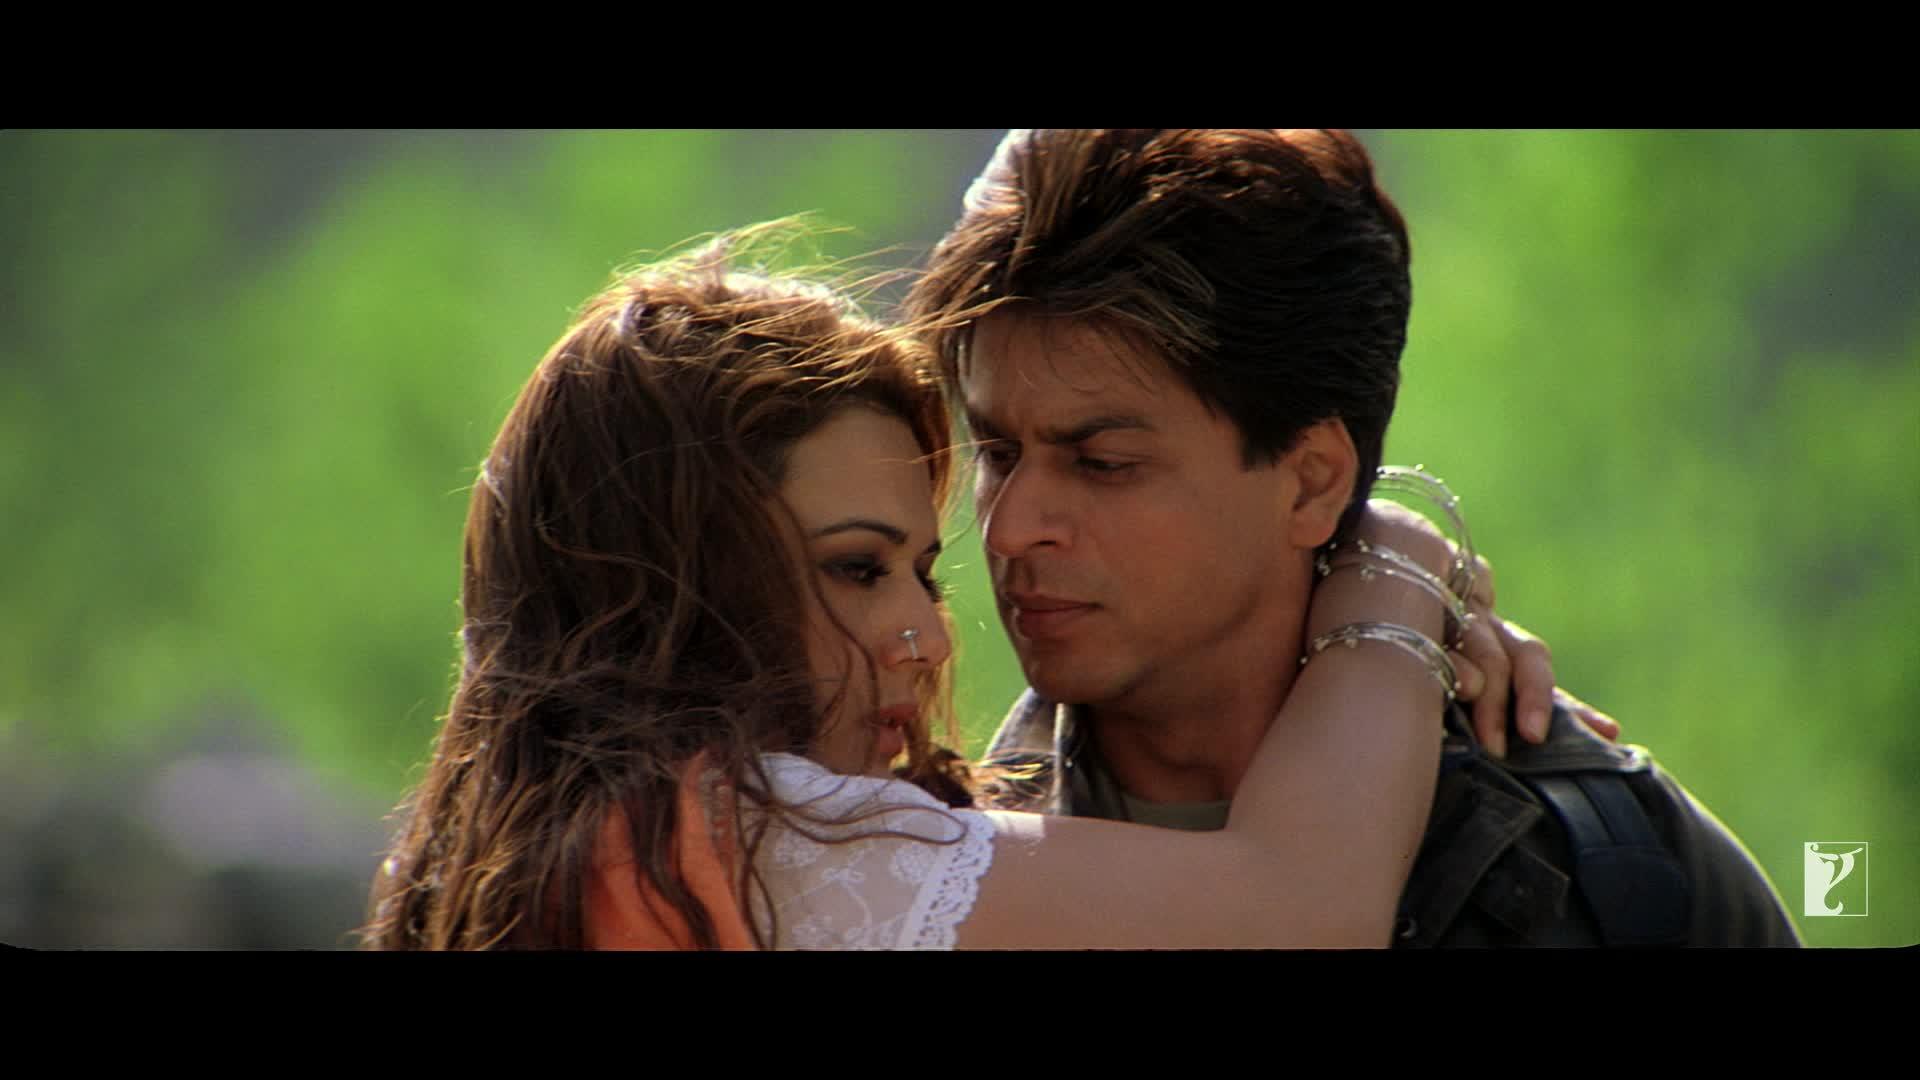 Hindi film veer zaara songs free download.